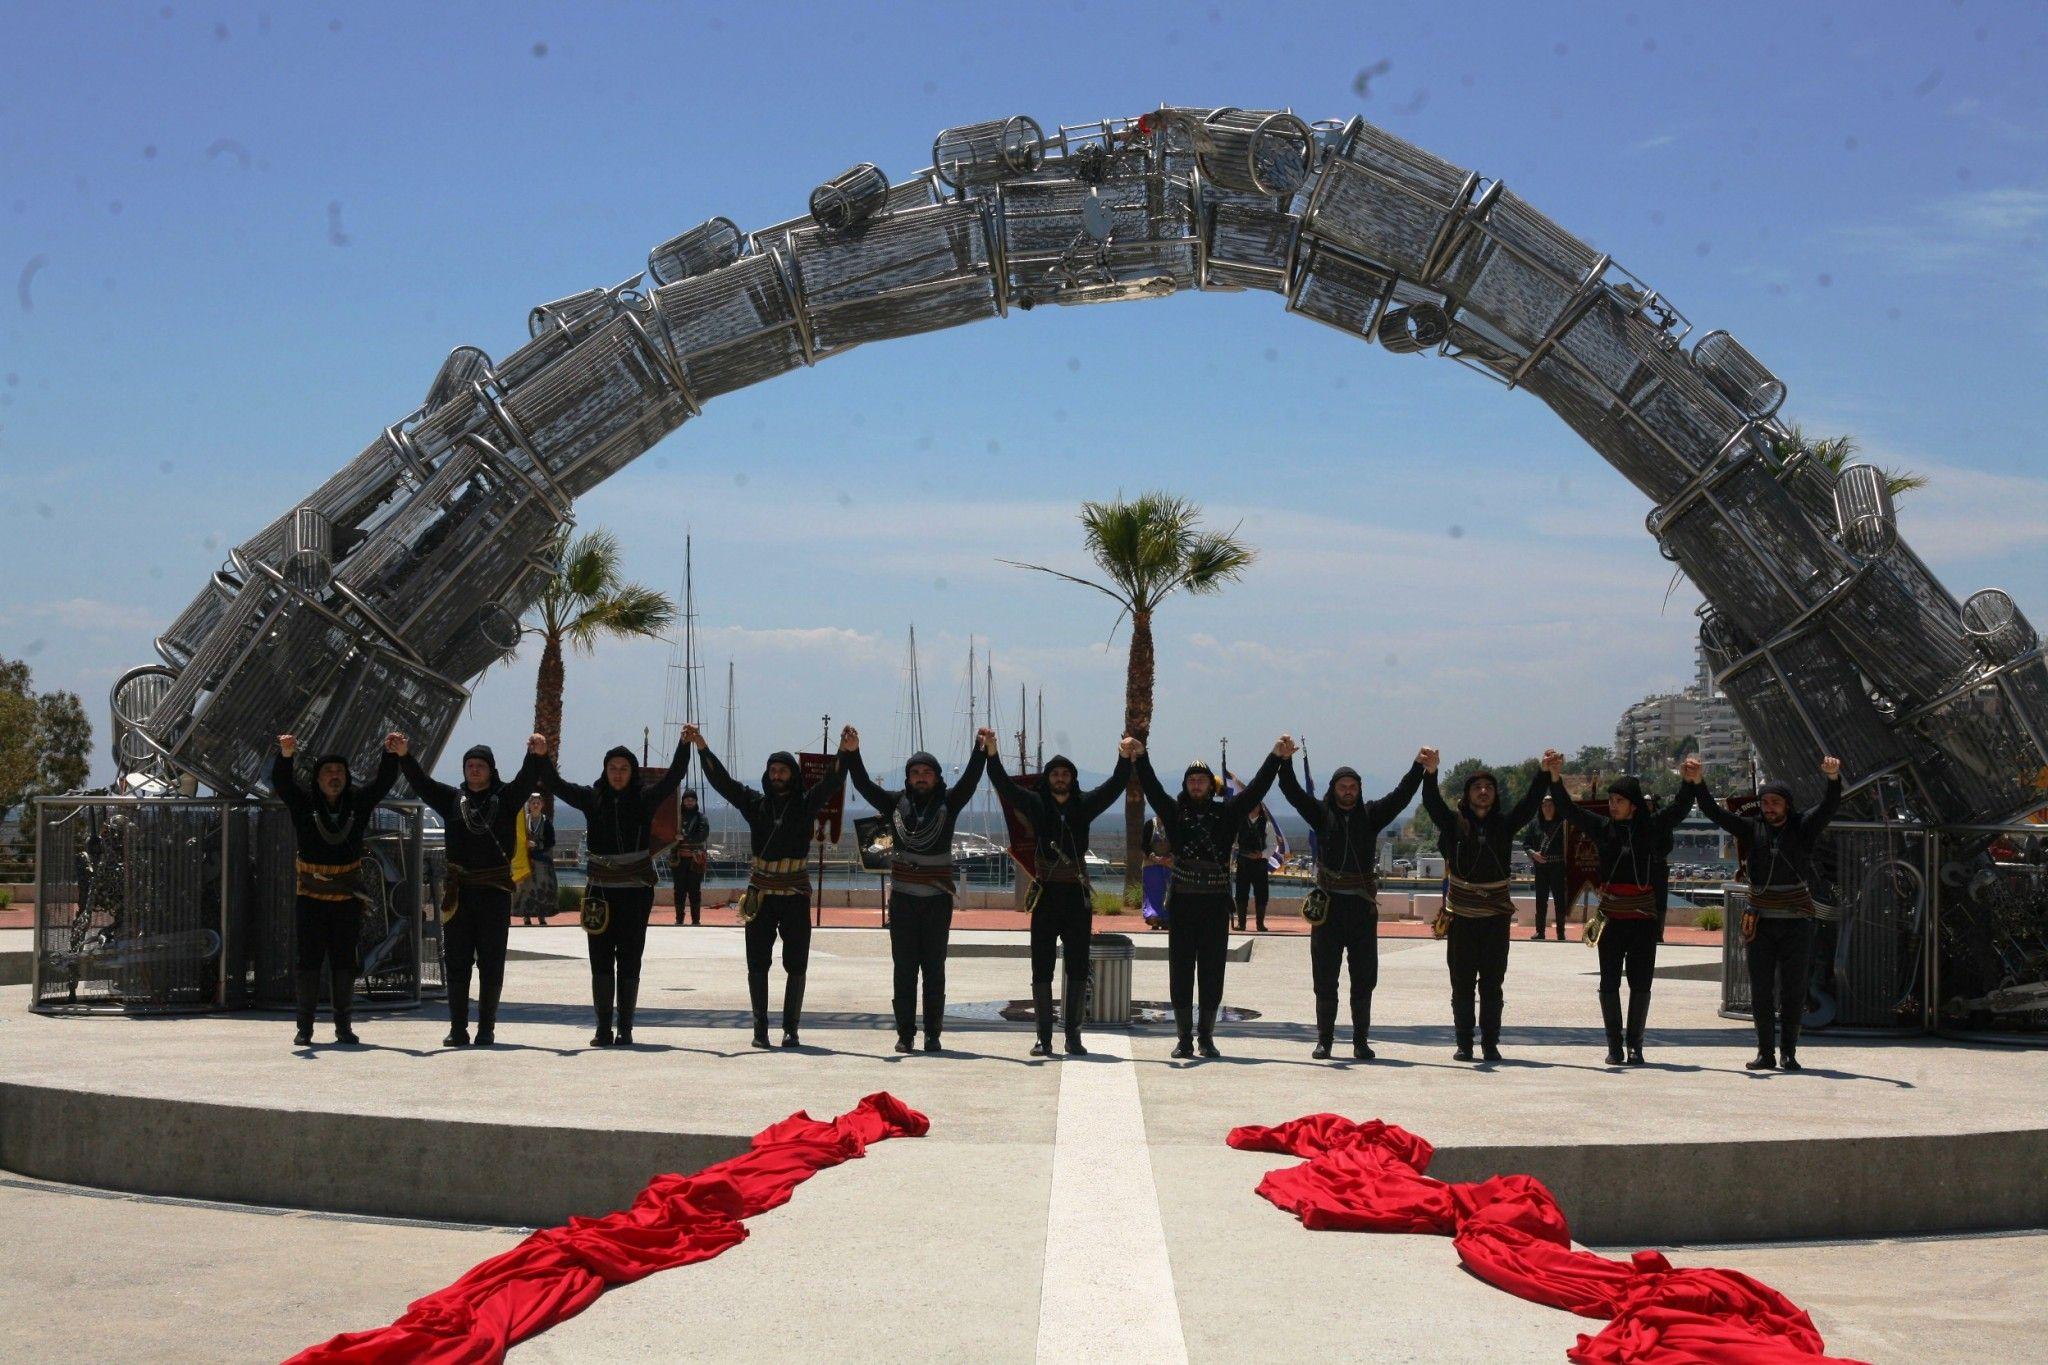 Έργο του Στ. Τανιμανίδη στην πλατεία Αλεξάνδρας – Δωρεά του Βαγγέλη Μαρινάκη |> Με επισημότητα και με την παρουσία εκπροσώπων της πολιτειακής, πολιτικής και στρατιωτικής ηγεσίας του τόπου, πραγματοποιήθηκε σήμερα η τελετή των αποκαλυπτηρίων του Μνημείου Γενοκτονίας των Ελλήνων του Πόντου «Πυρρίχιο Πέταγμα», στην πλατεία Αλεξάνδρας. Παράλληλα με την τελετή των αποκαλυπτηρίων του σπουδαίου, για ...